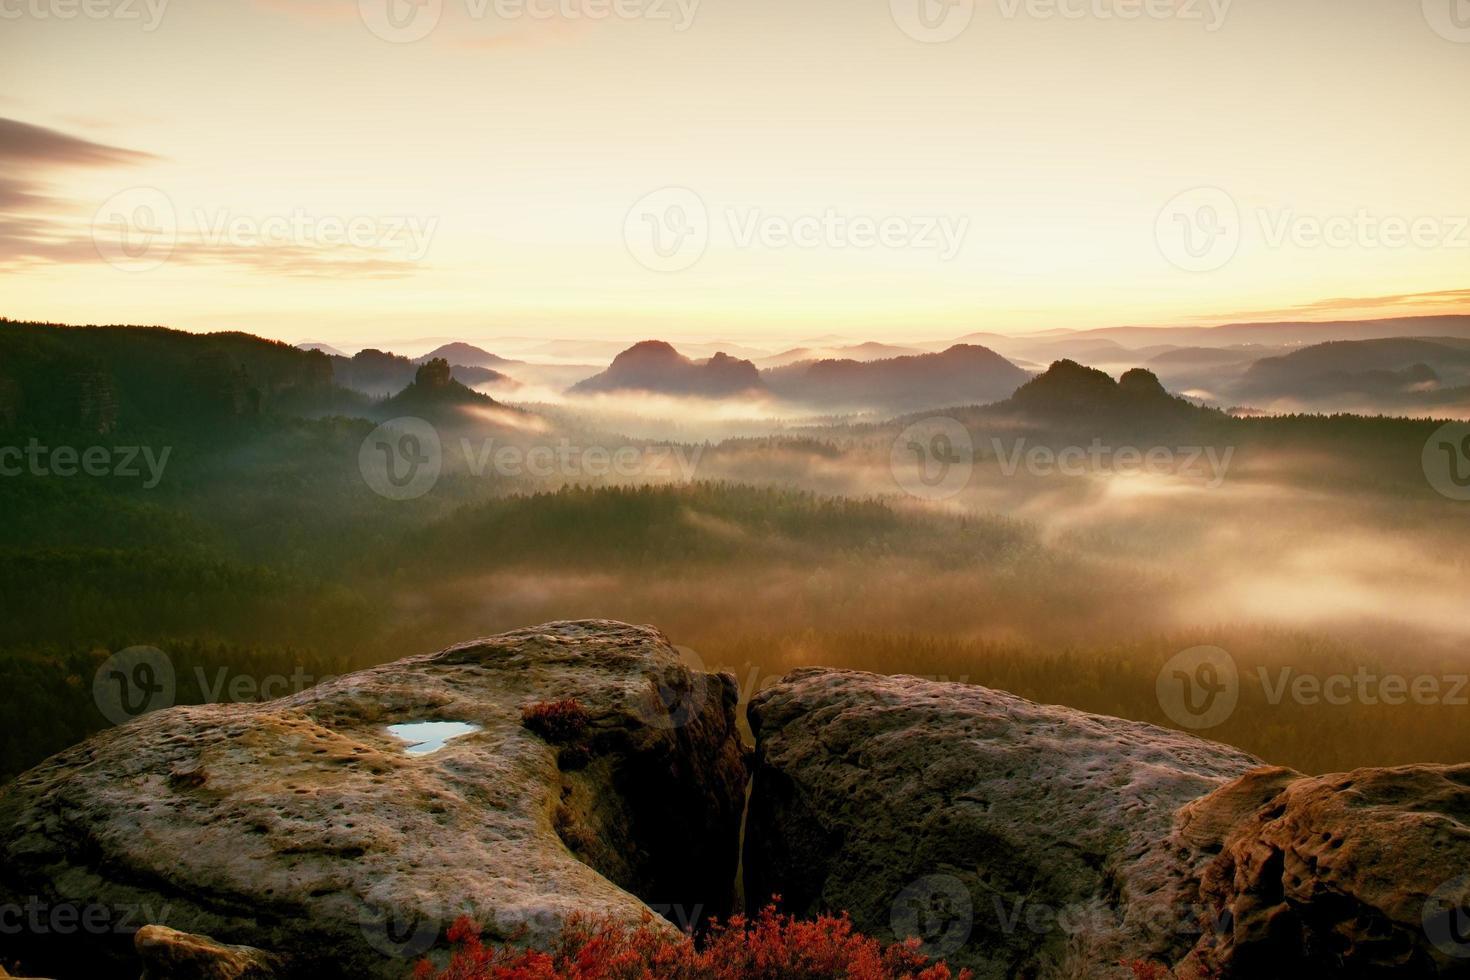 vue sur le kleiner winterberg. fantastique lever de soleil de rêve dans les montagnes rocheuses photo